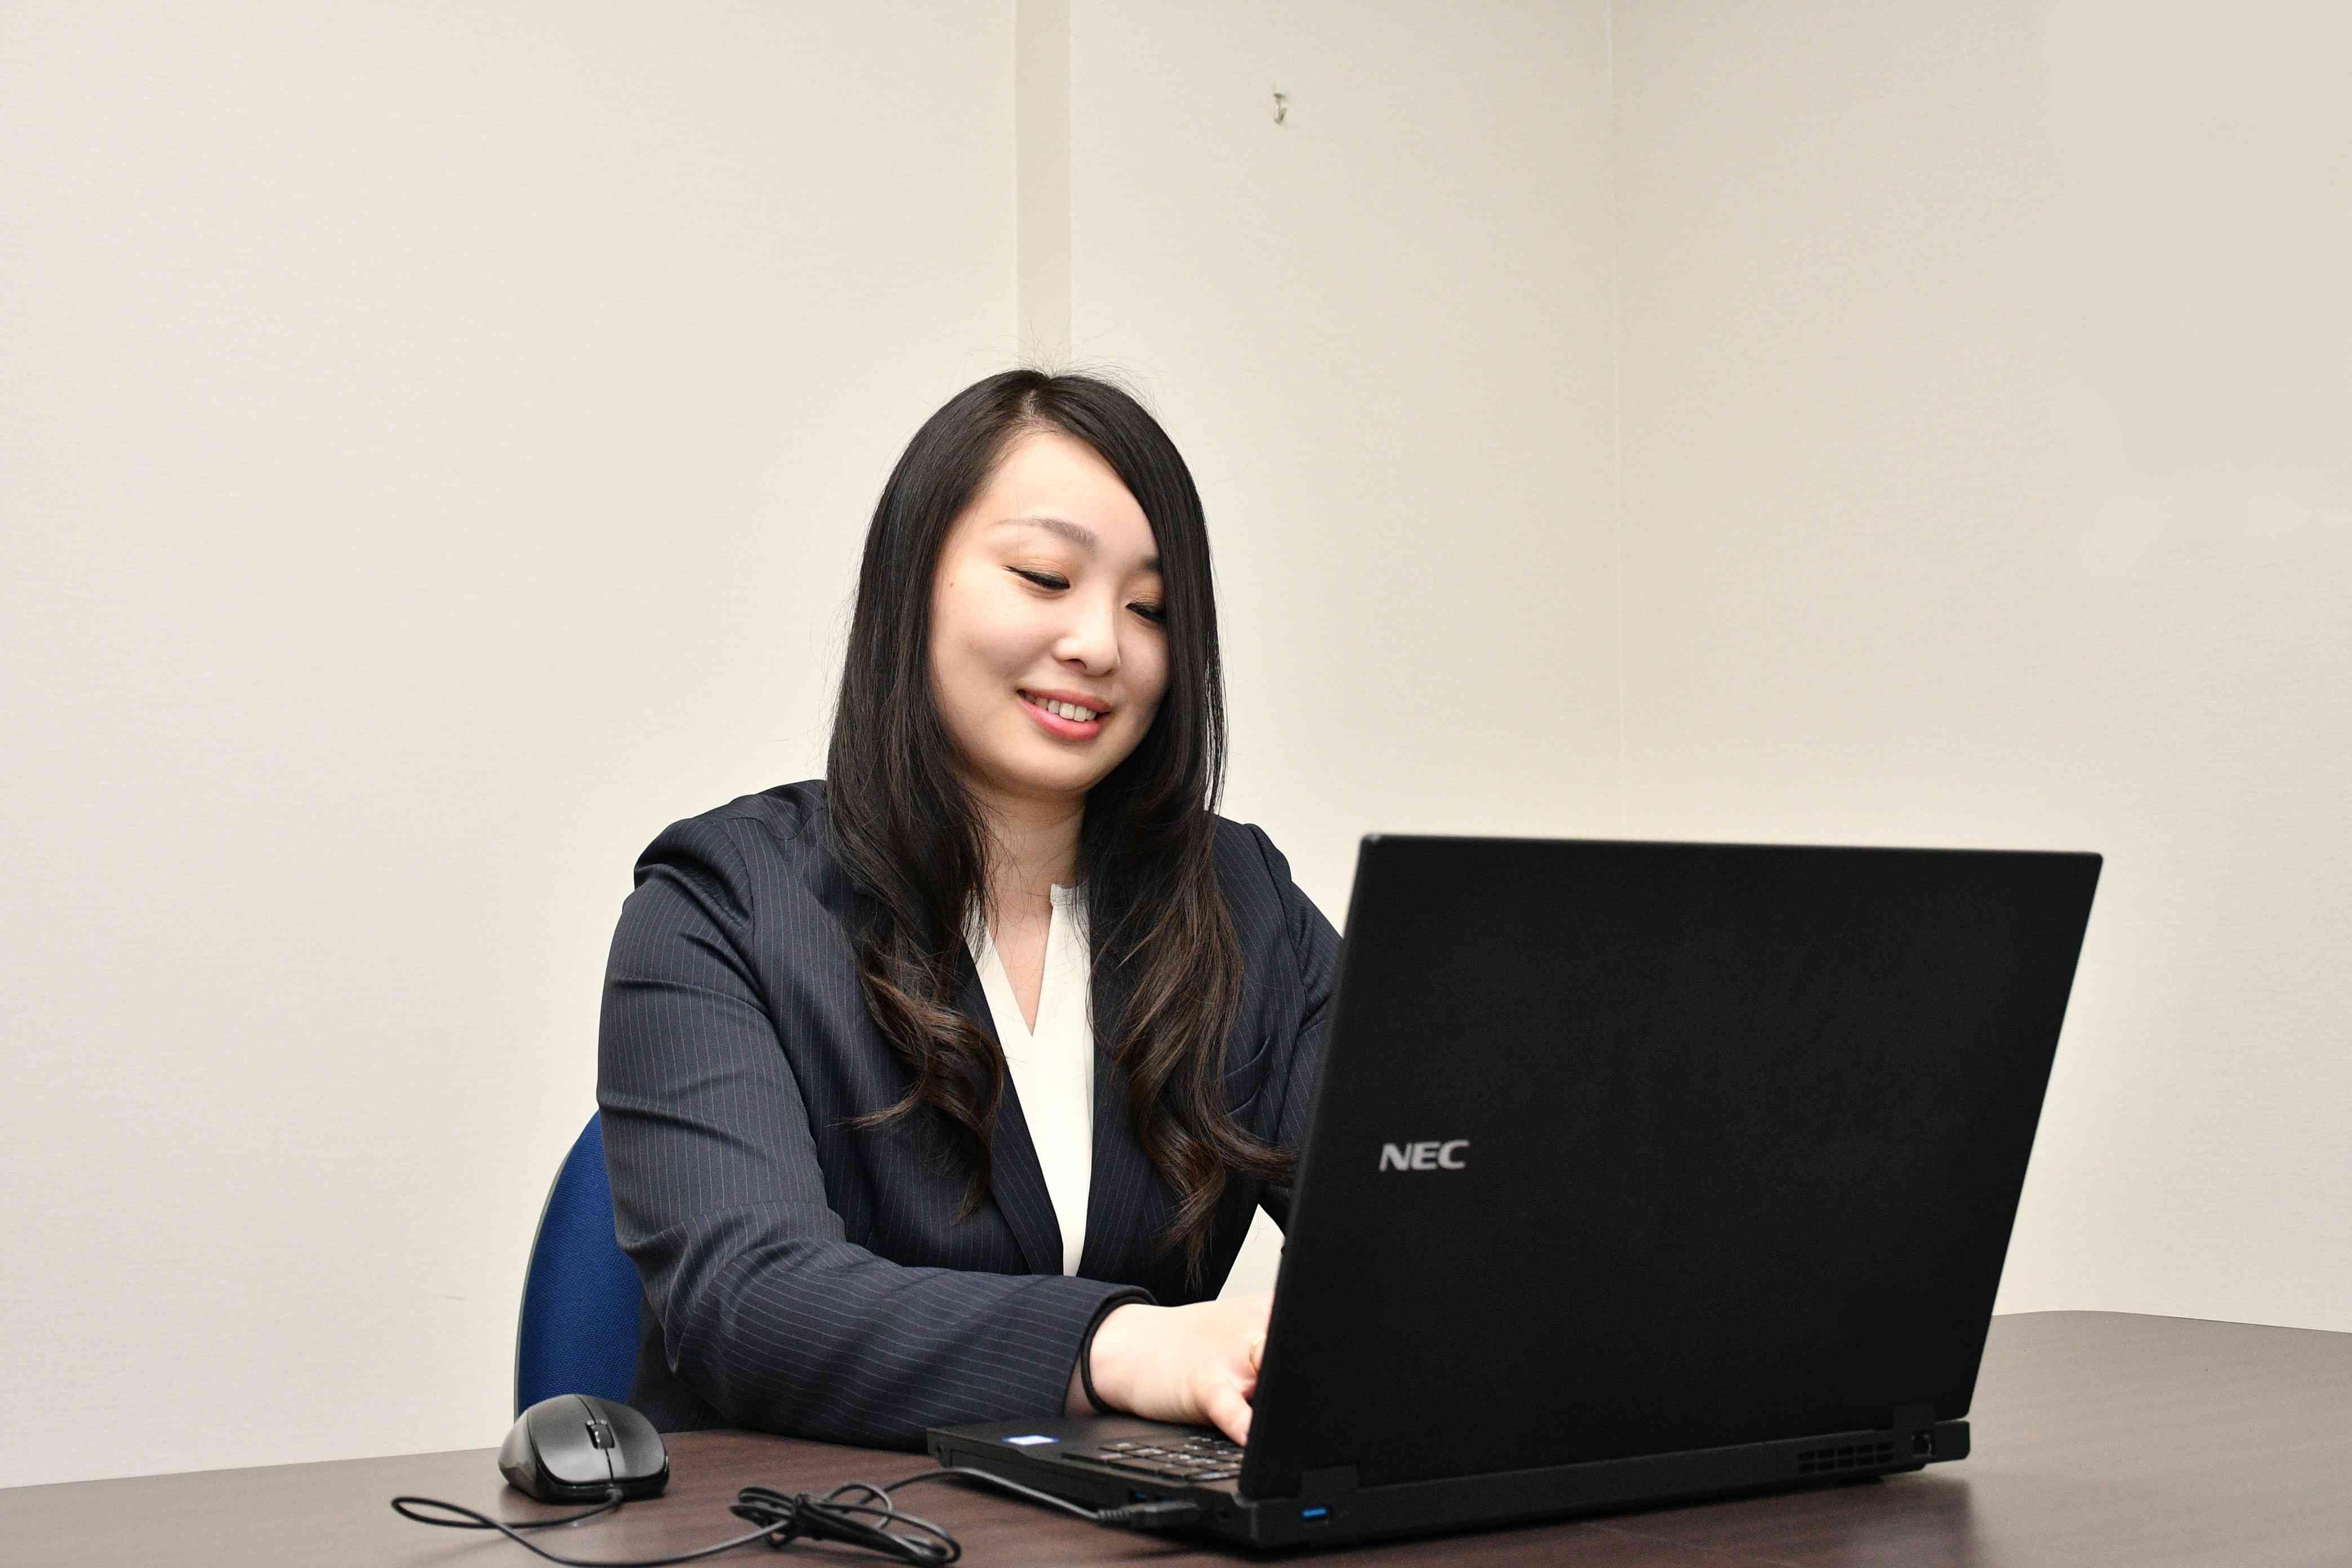 大手企業でエクセルの関数を活用したOA事務や庶務業務